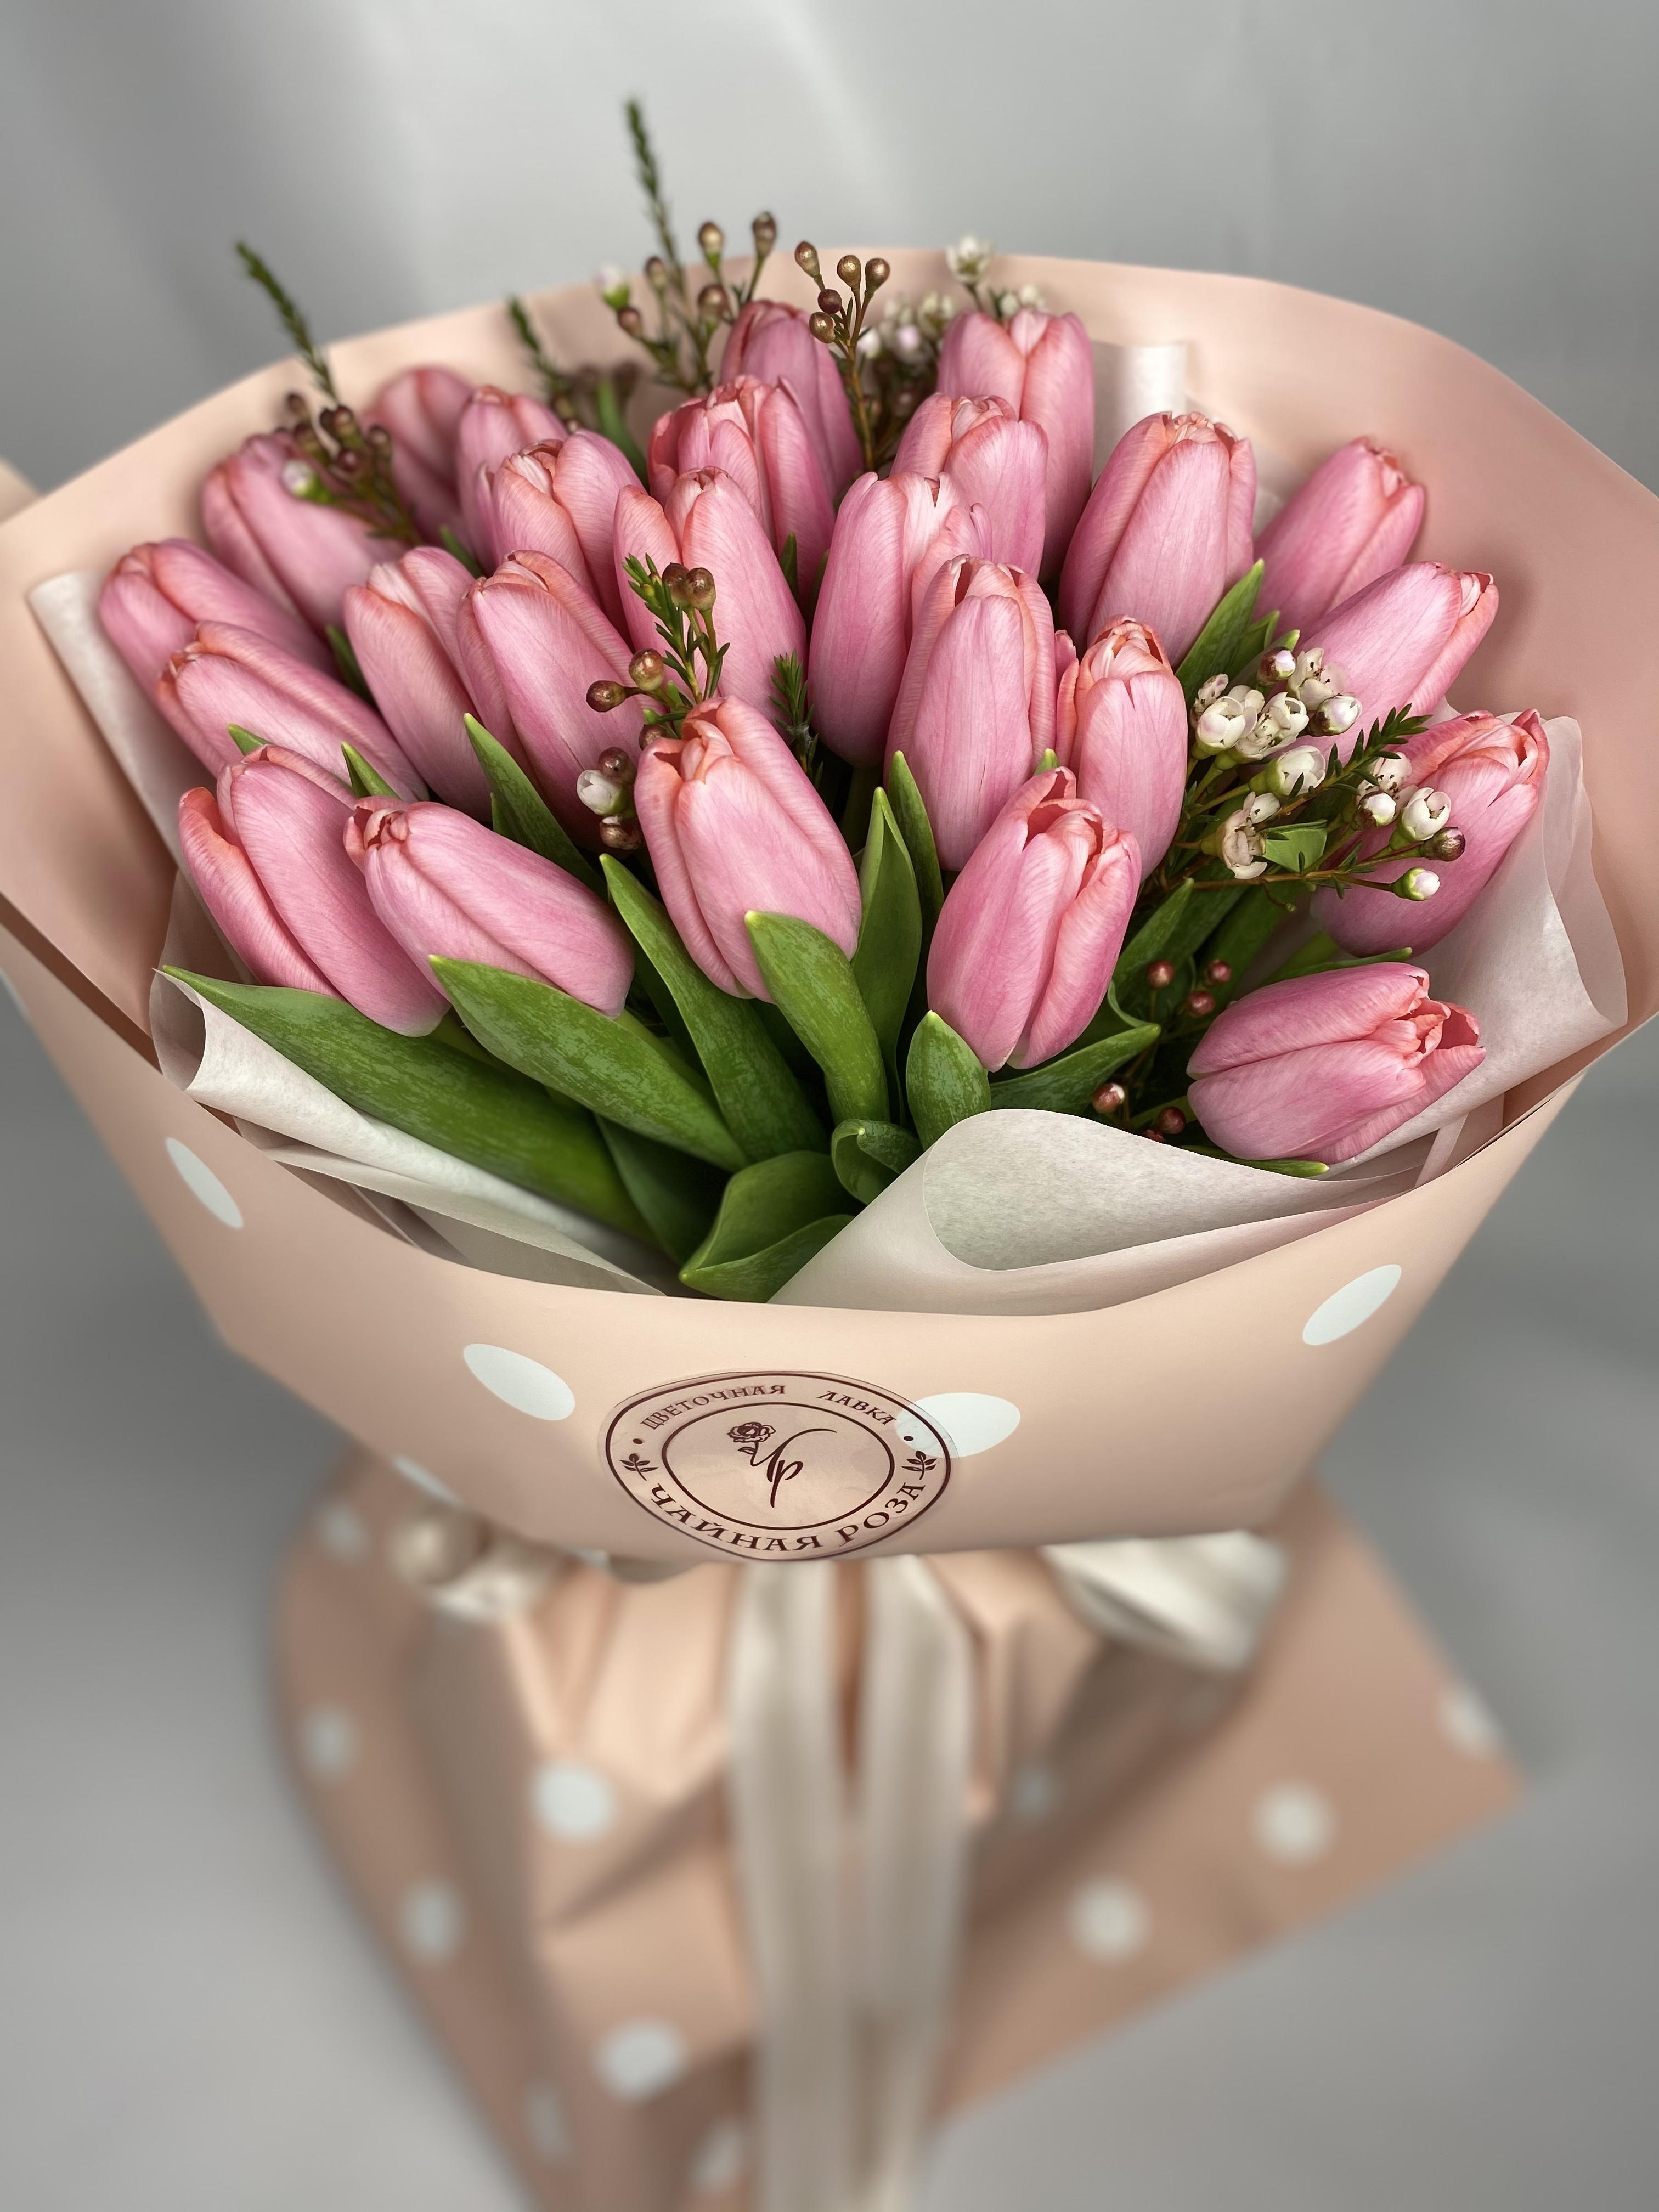 Купить Букет тюльпанов с хамелациумом арт:1001 с доставкой в Киеве Доставка 24/7 | Чайная роза